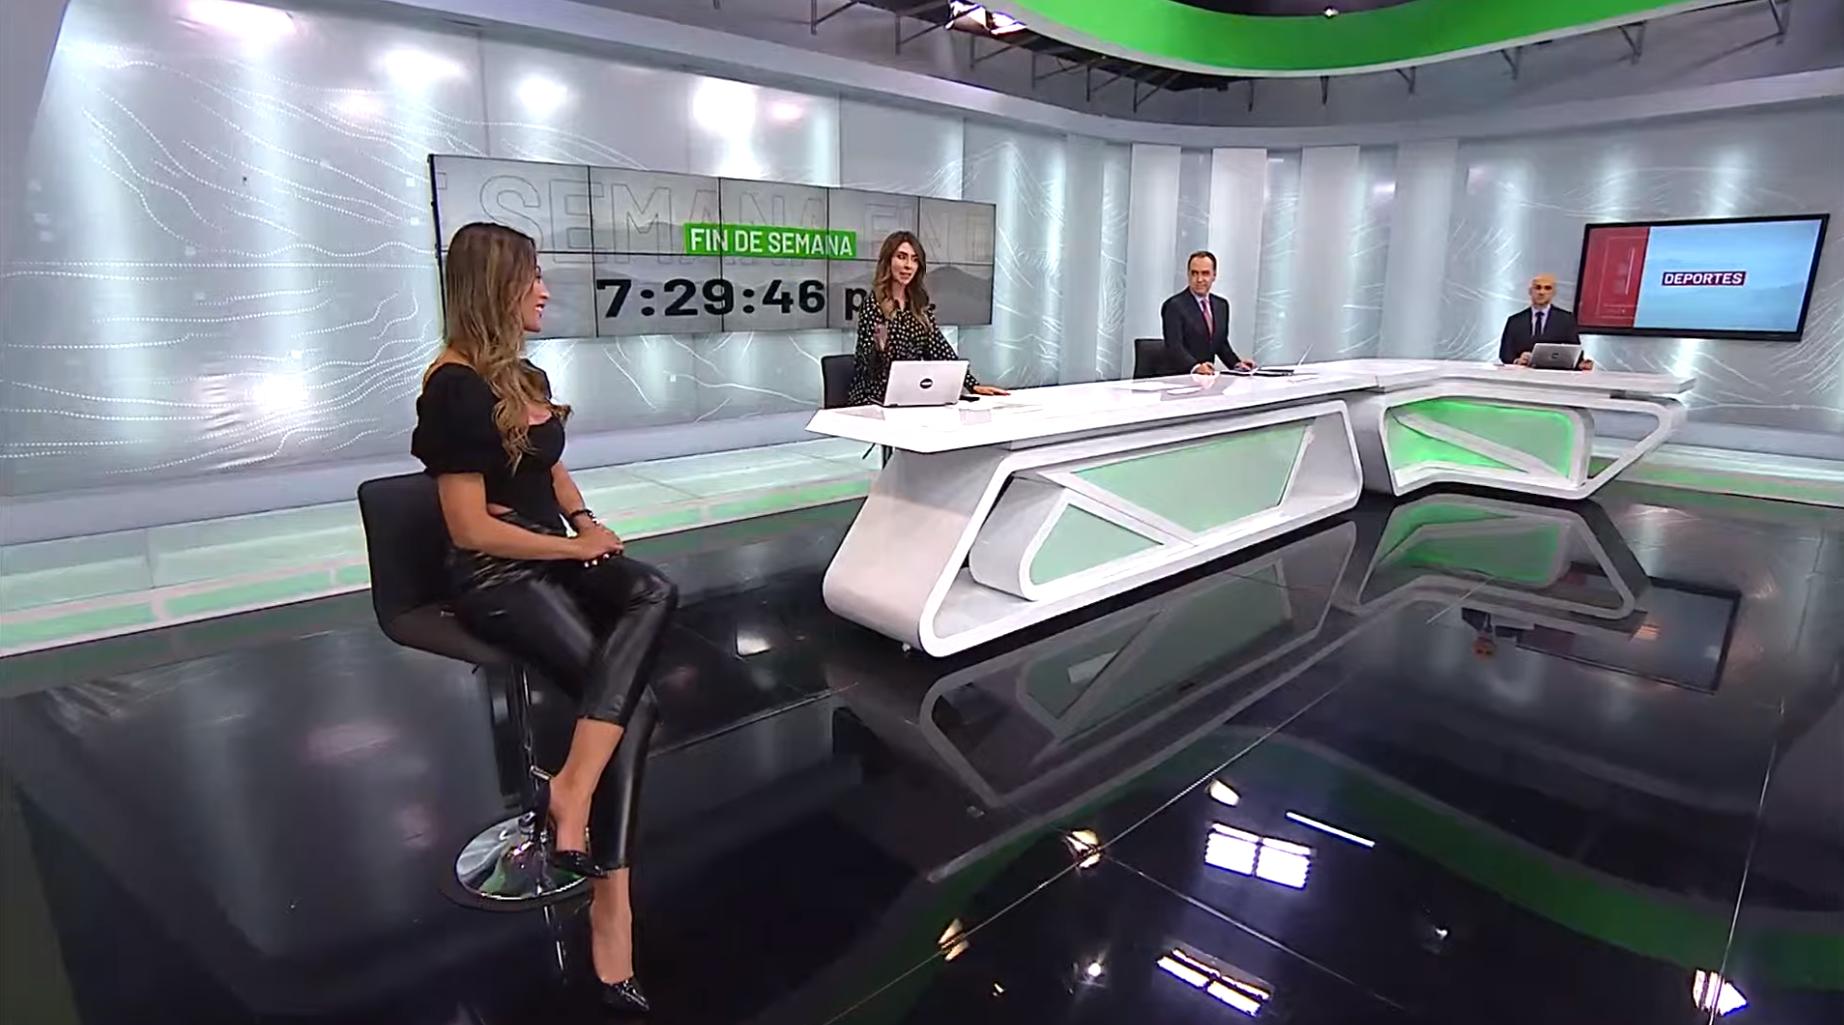 Teleantioquia Noticias – sábado 08 de mayo de 2021 noche